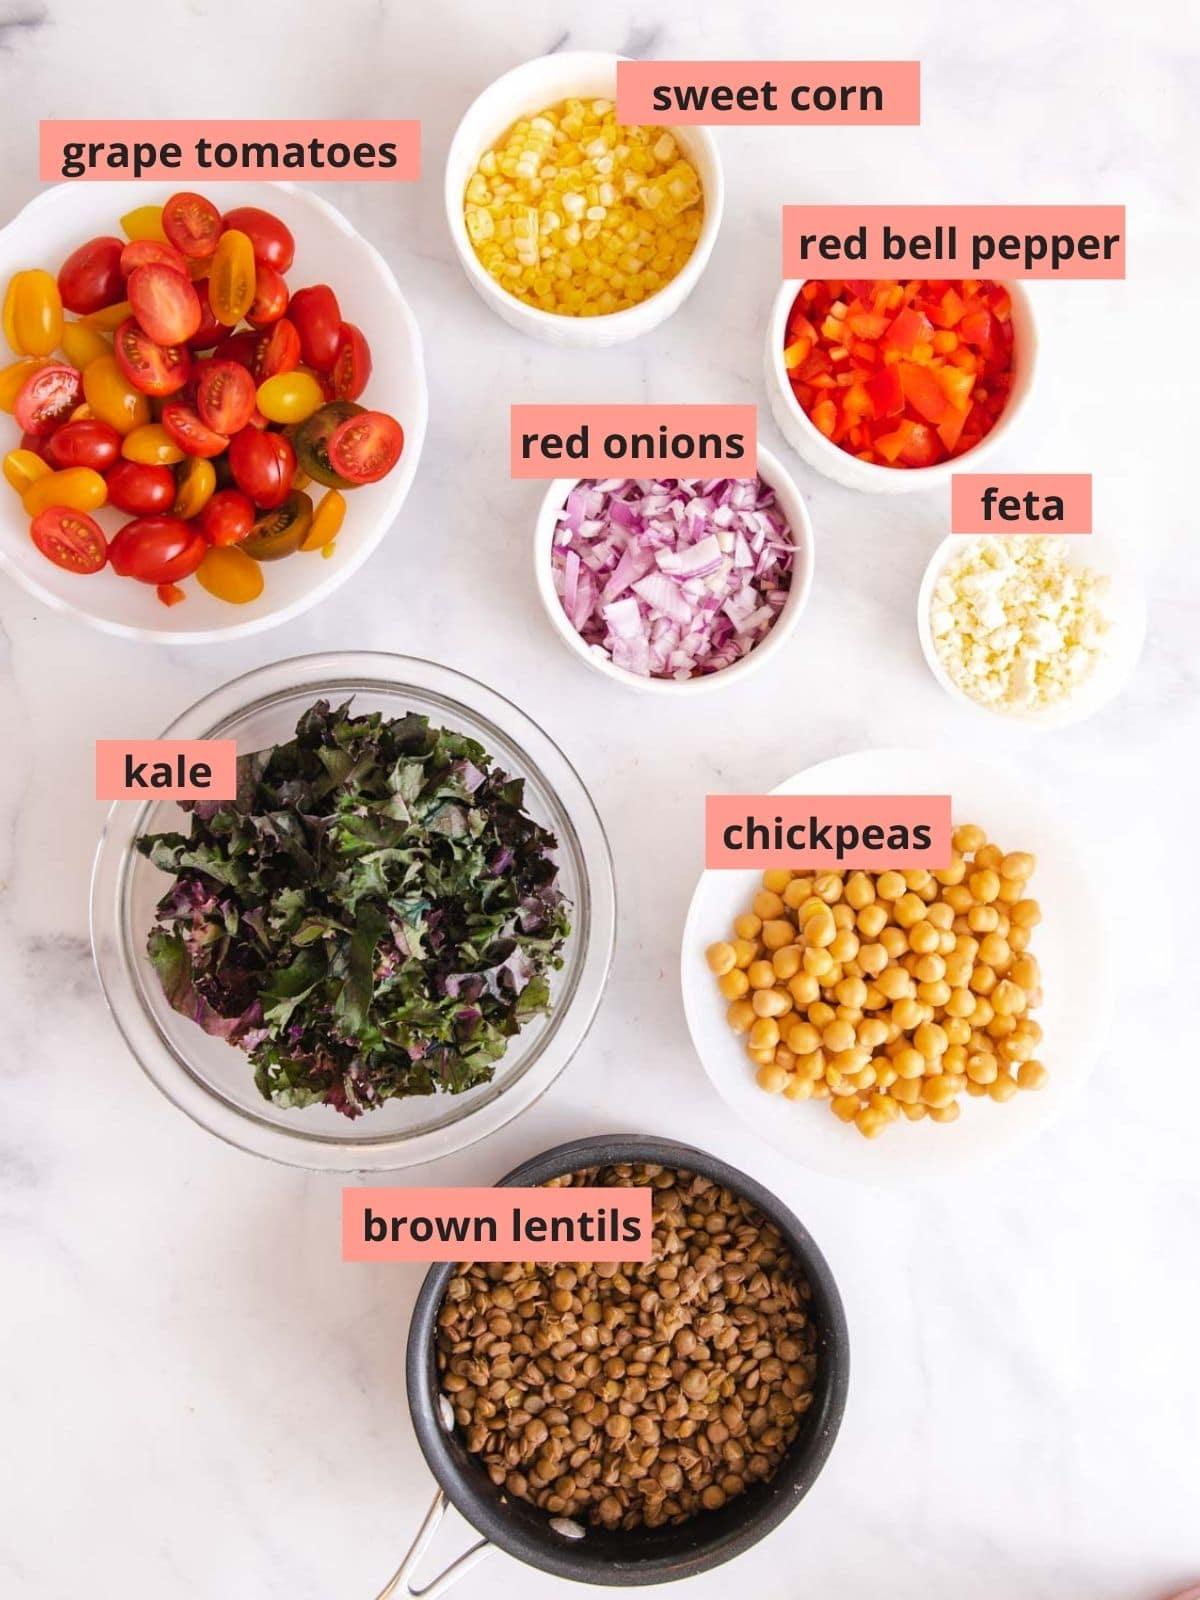 Labeled ingredients used to make lentil salad